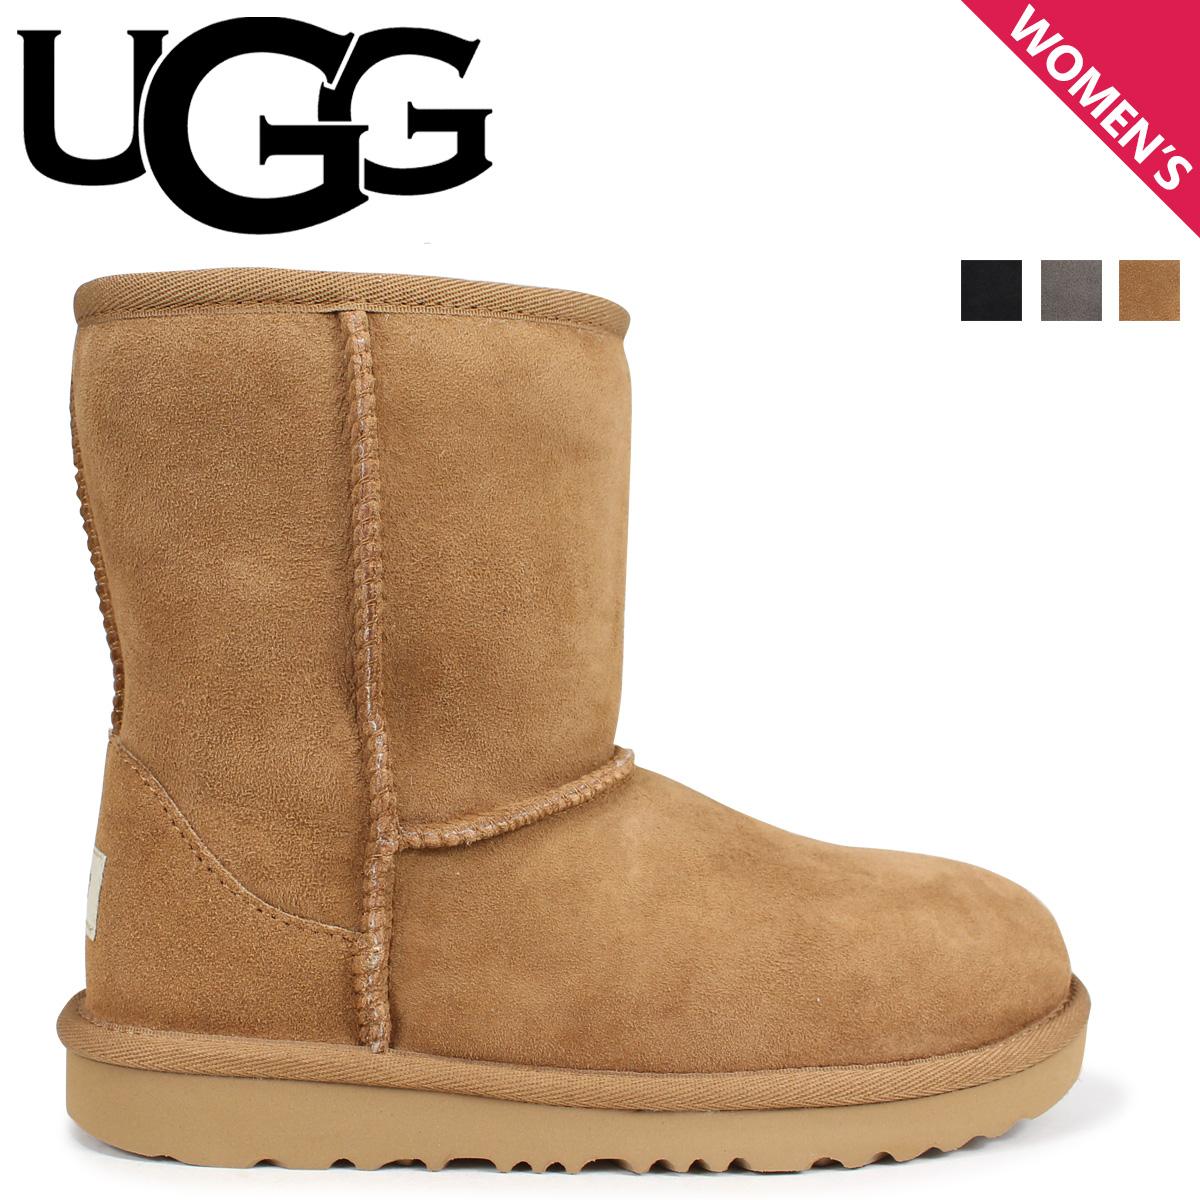 アグ UGG ムートン ブーツ クラシック 2 CLASSIC II 1017703K レディース キッズ